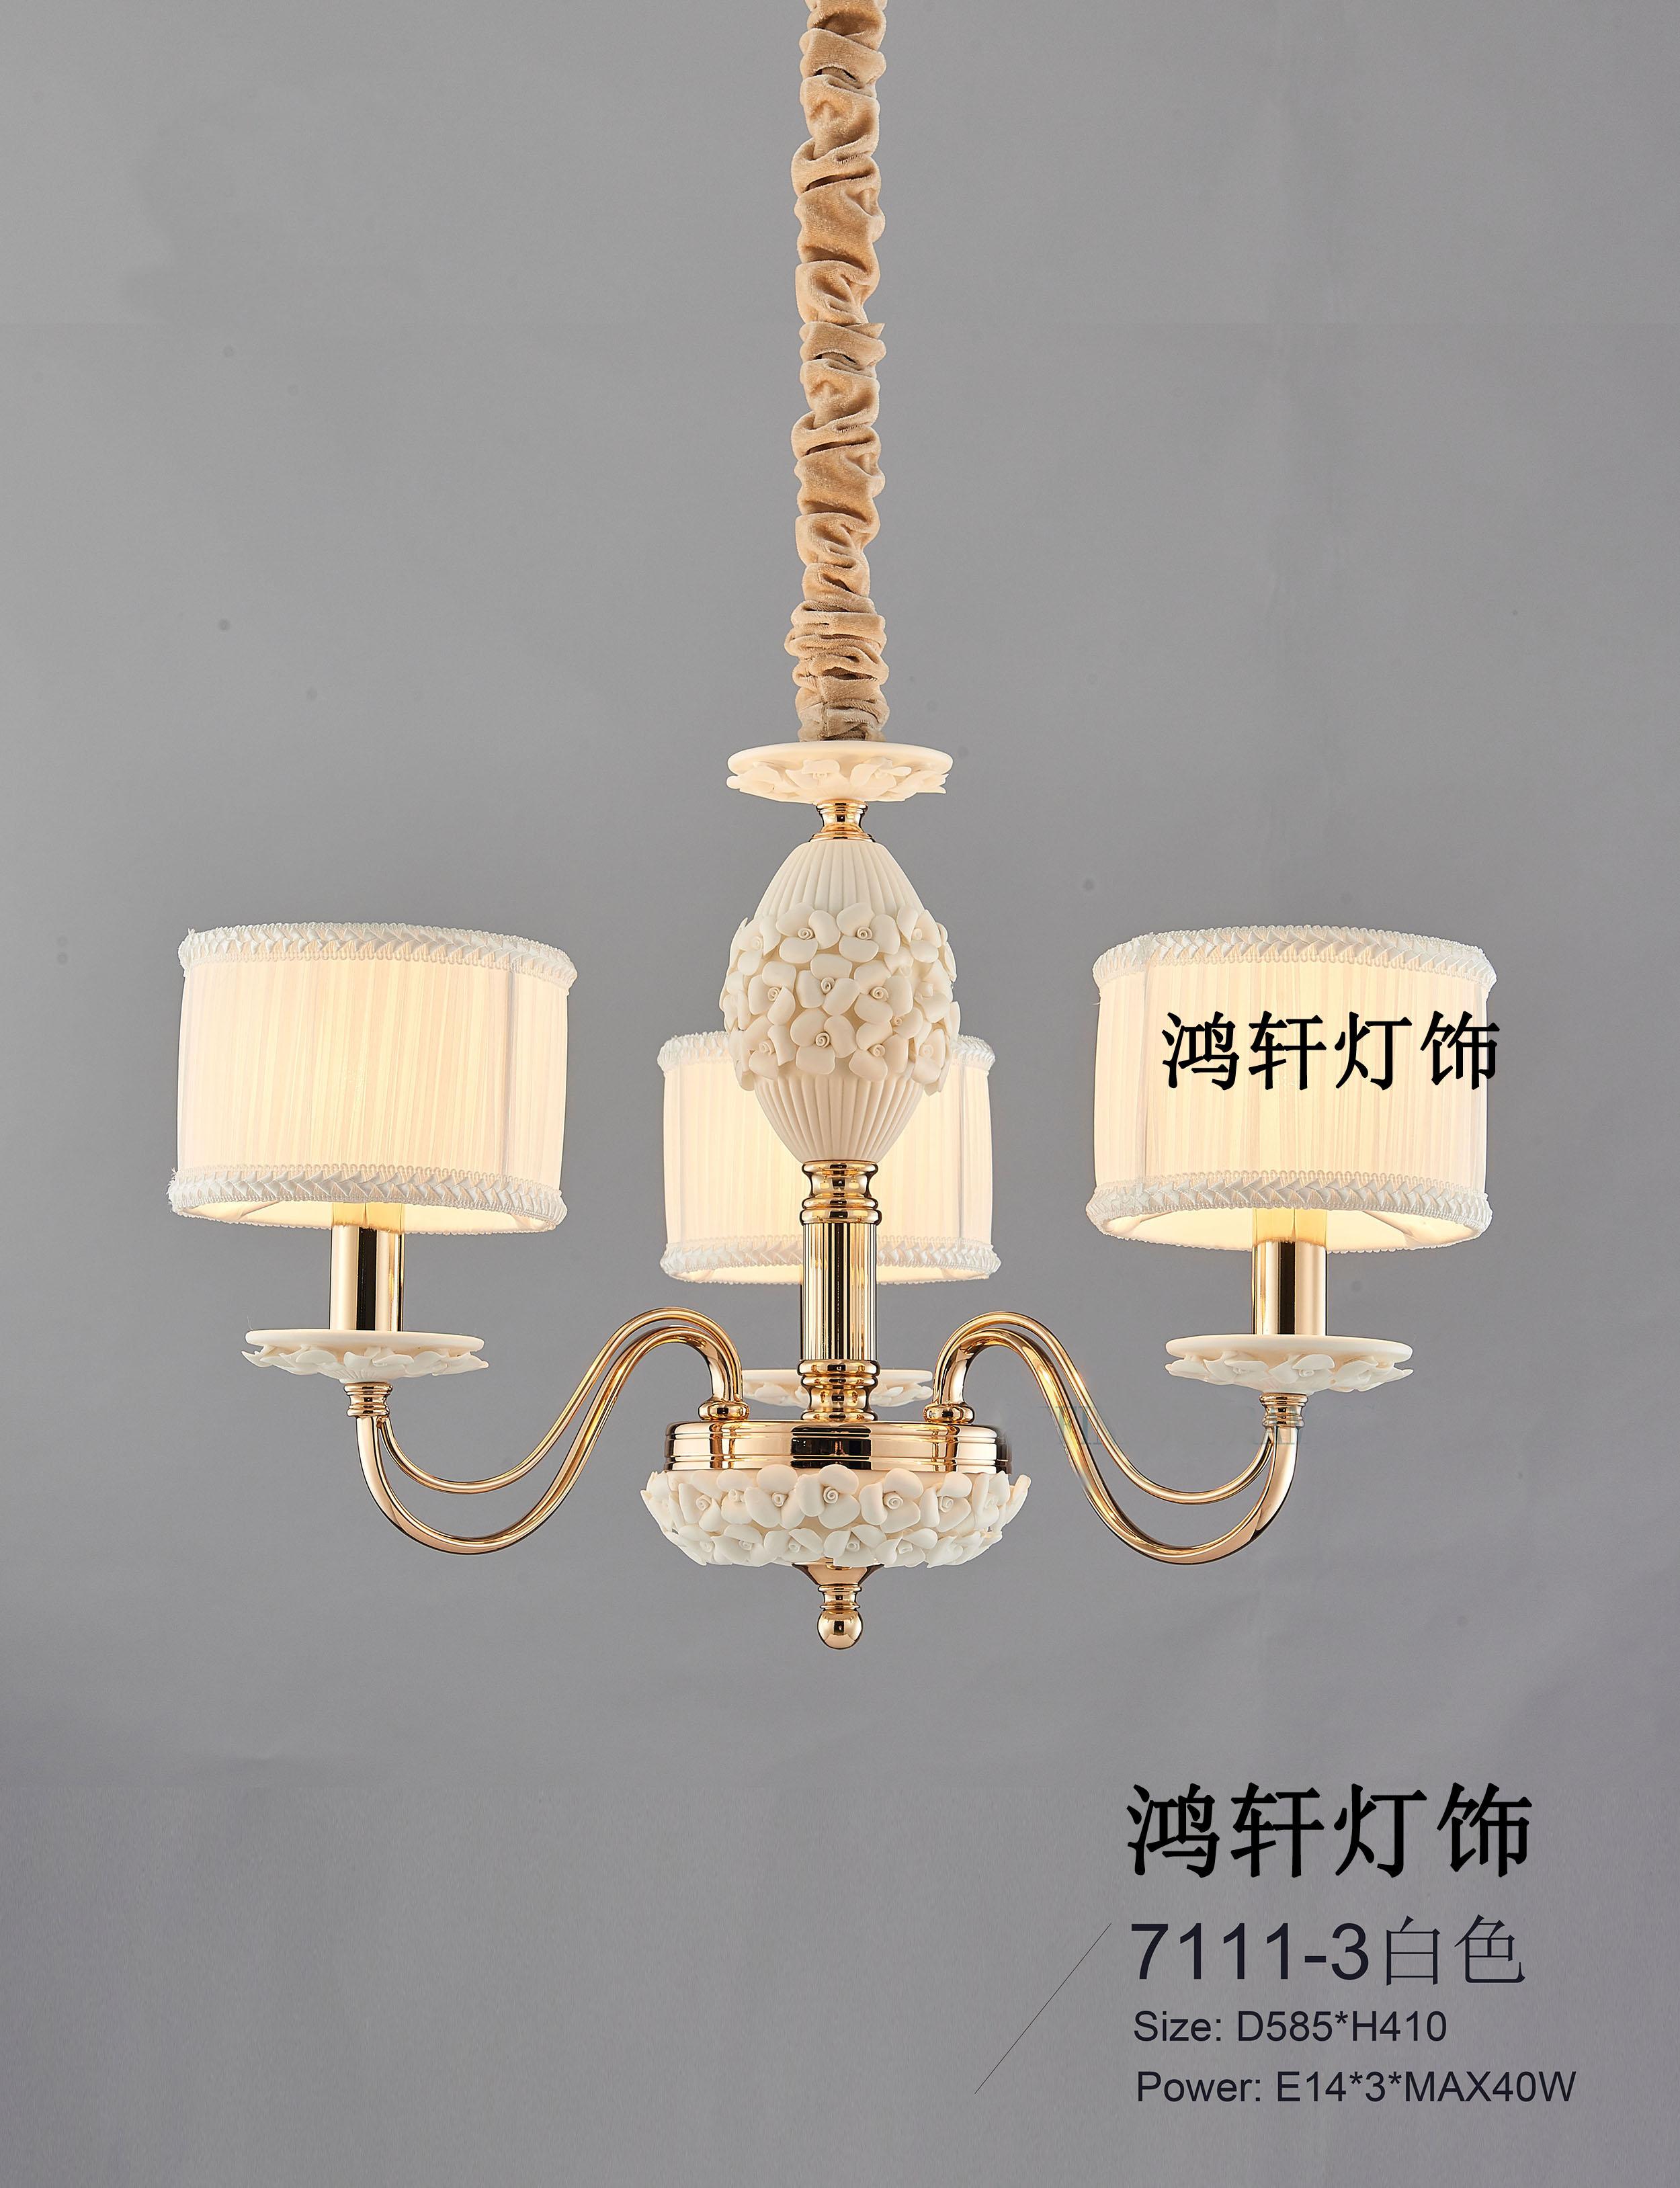 欧式吊灯客厅灯美式灯具卧室现代简约田园灯饰法式陶瓷餐厅